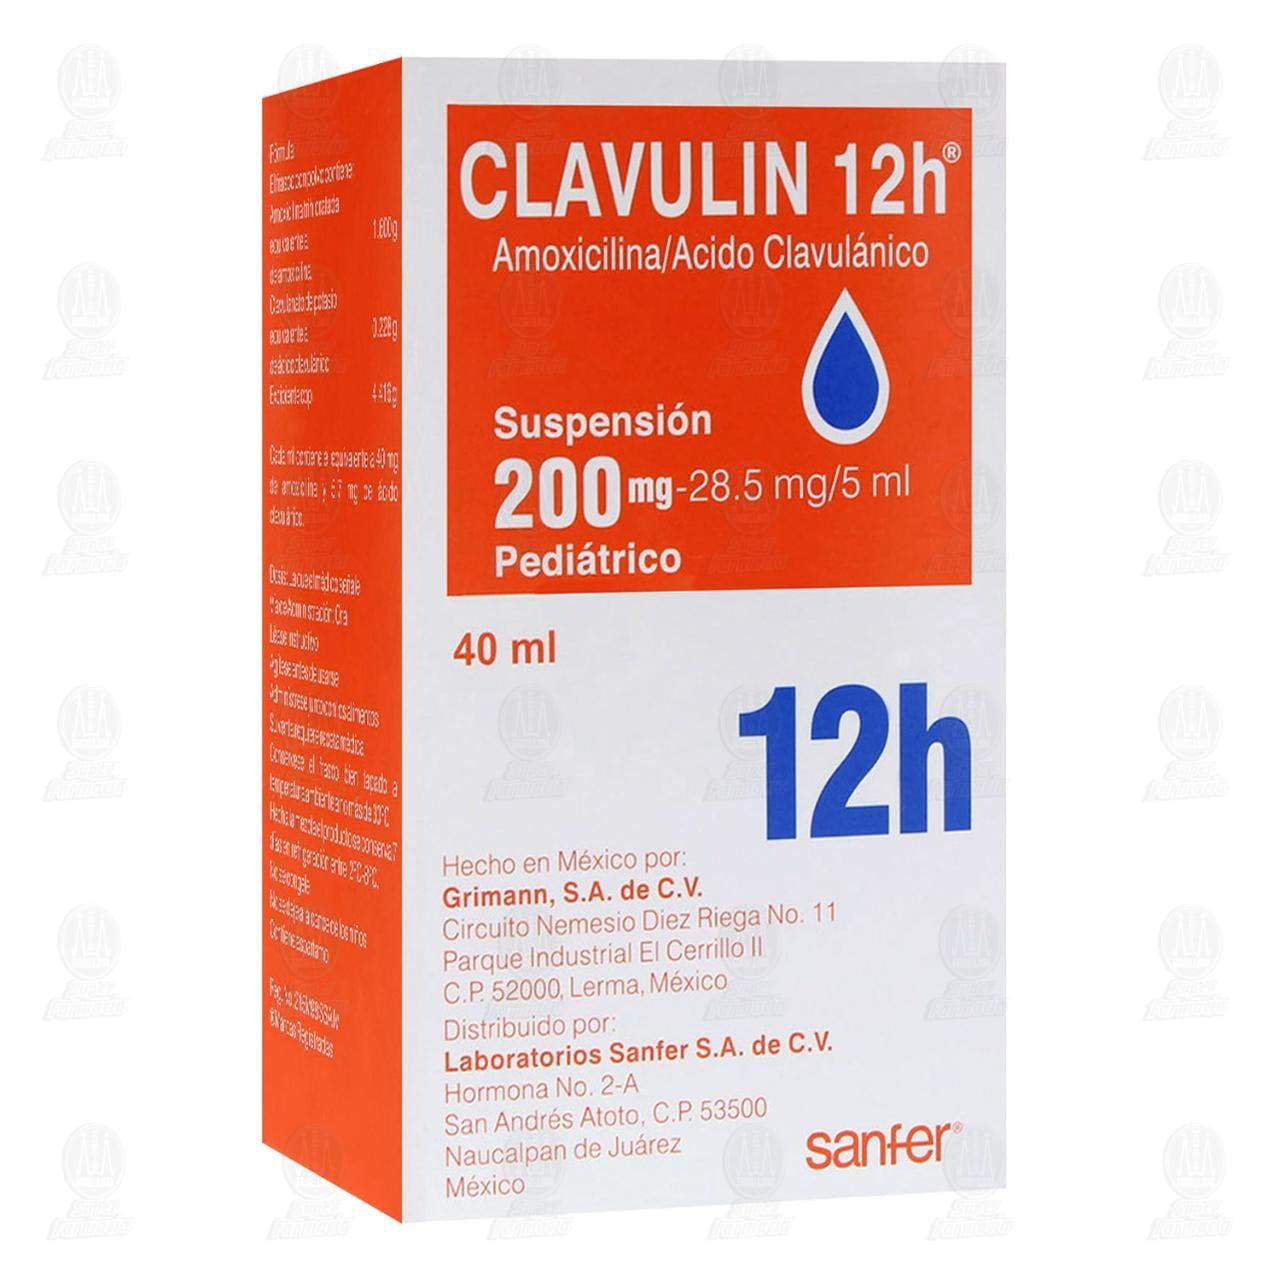 Comprar Clavulin 12h 200mg/28.5mg/5ml 40ml Suspensión Pediátrico en Farmacias Guadalajara